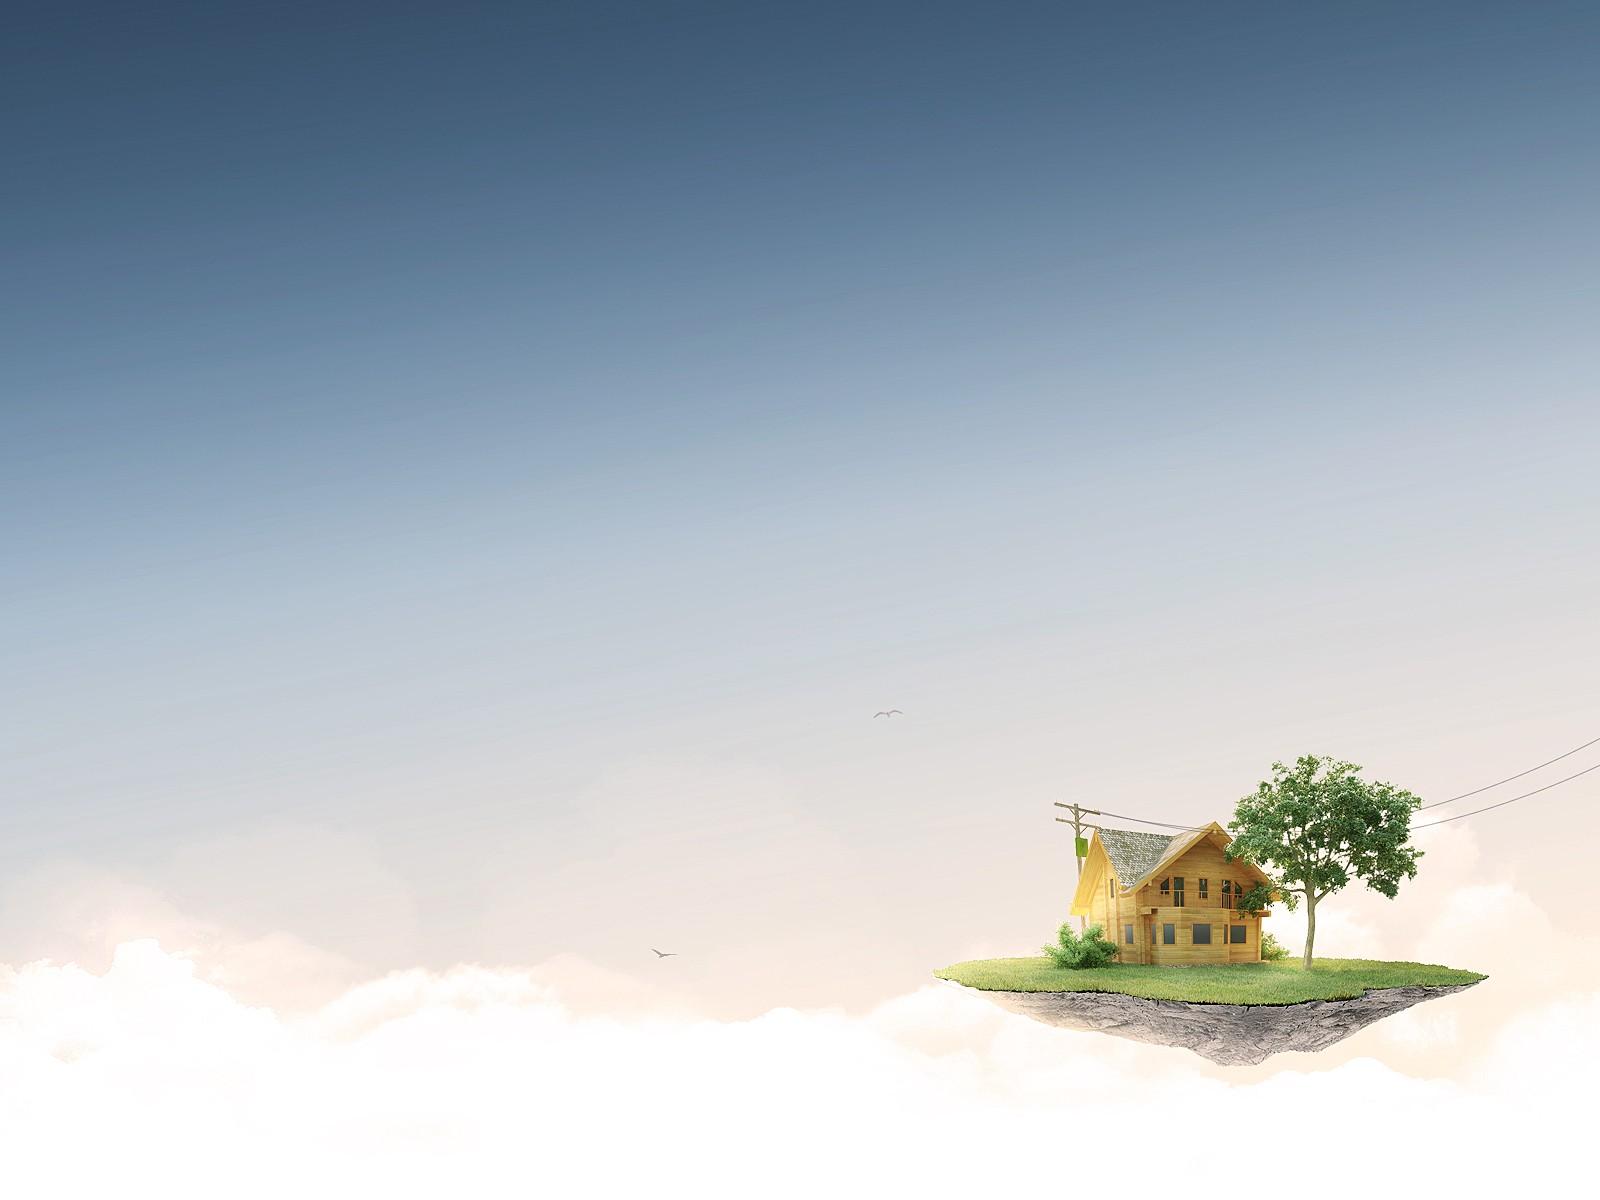 Дом на облаках картинка